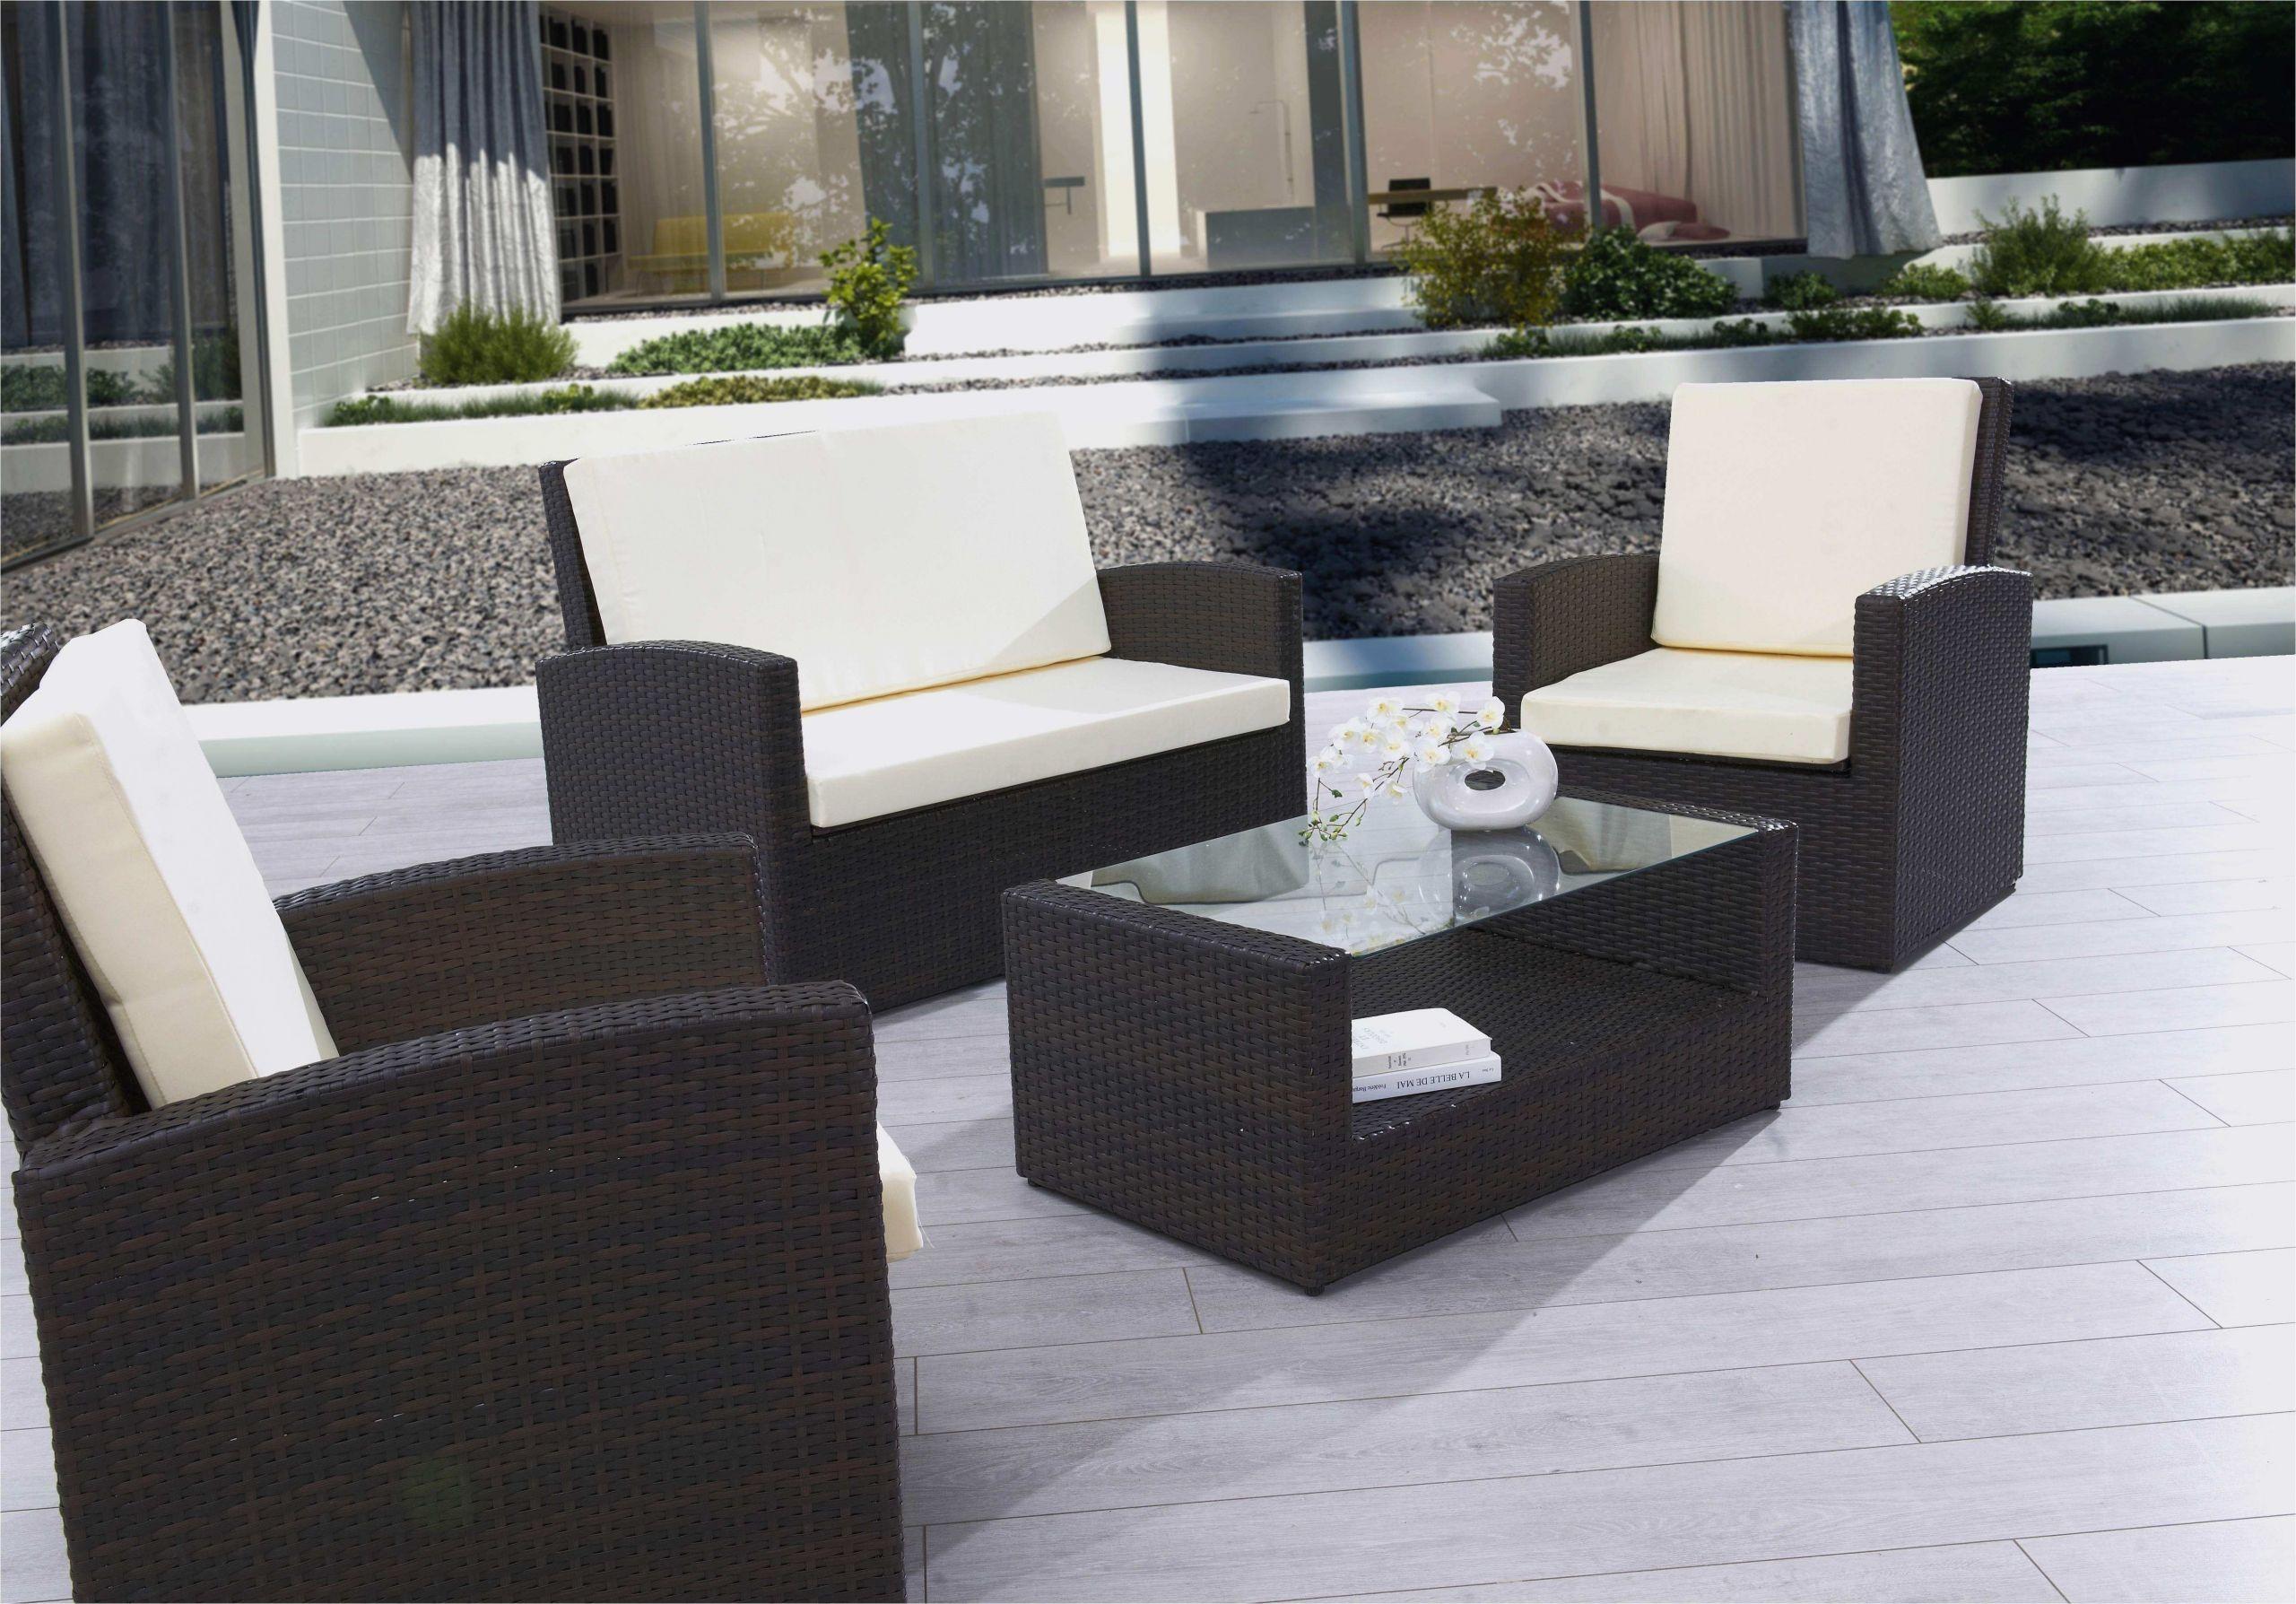 table de jardin bri arche beau resultat superieur 60 inspirant table et chaise fer forge stock 2018 of table de jardin bri arche